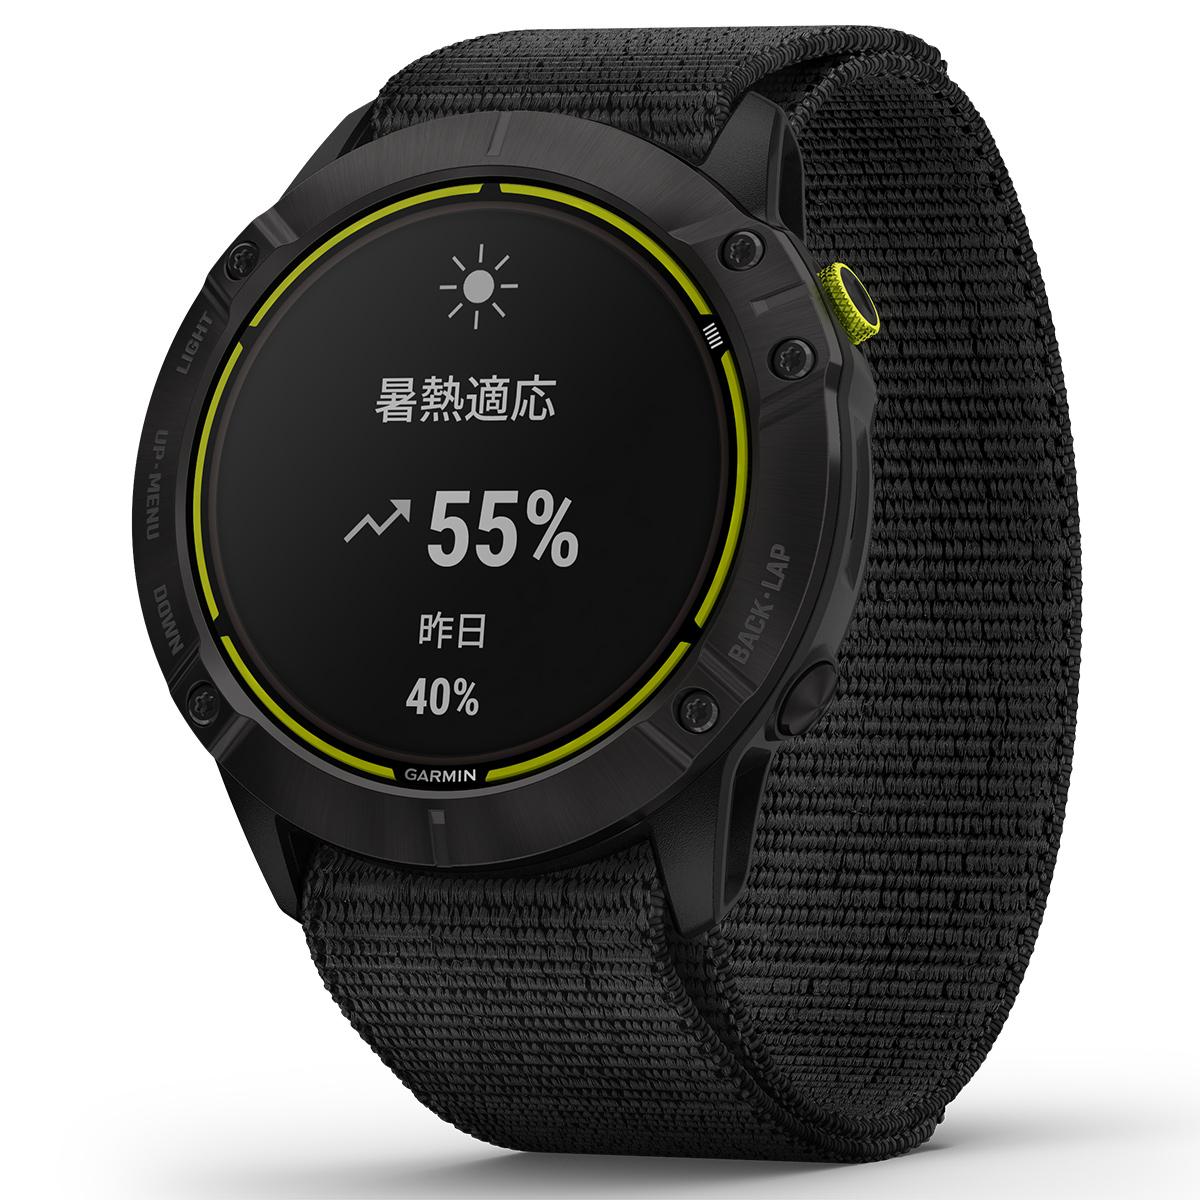 ガーミン GARMIN Enduro DLC Titanium エンデューロ DLC チタニウム GPS ランニングウォッチ トレイルラン スマートウォッチ ブラック 腕時計 010-02408-31